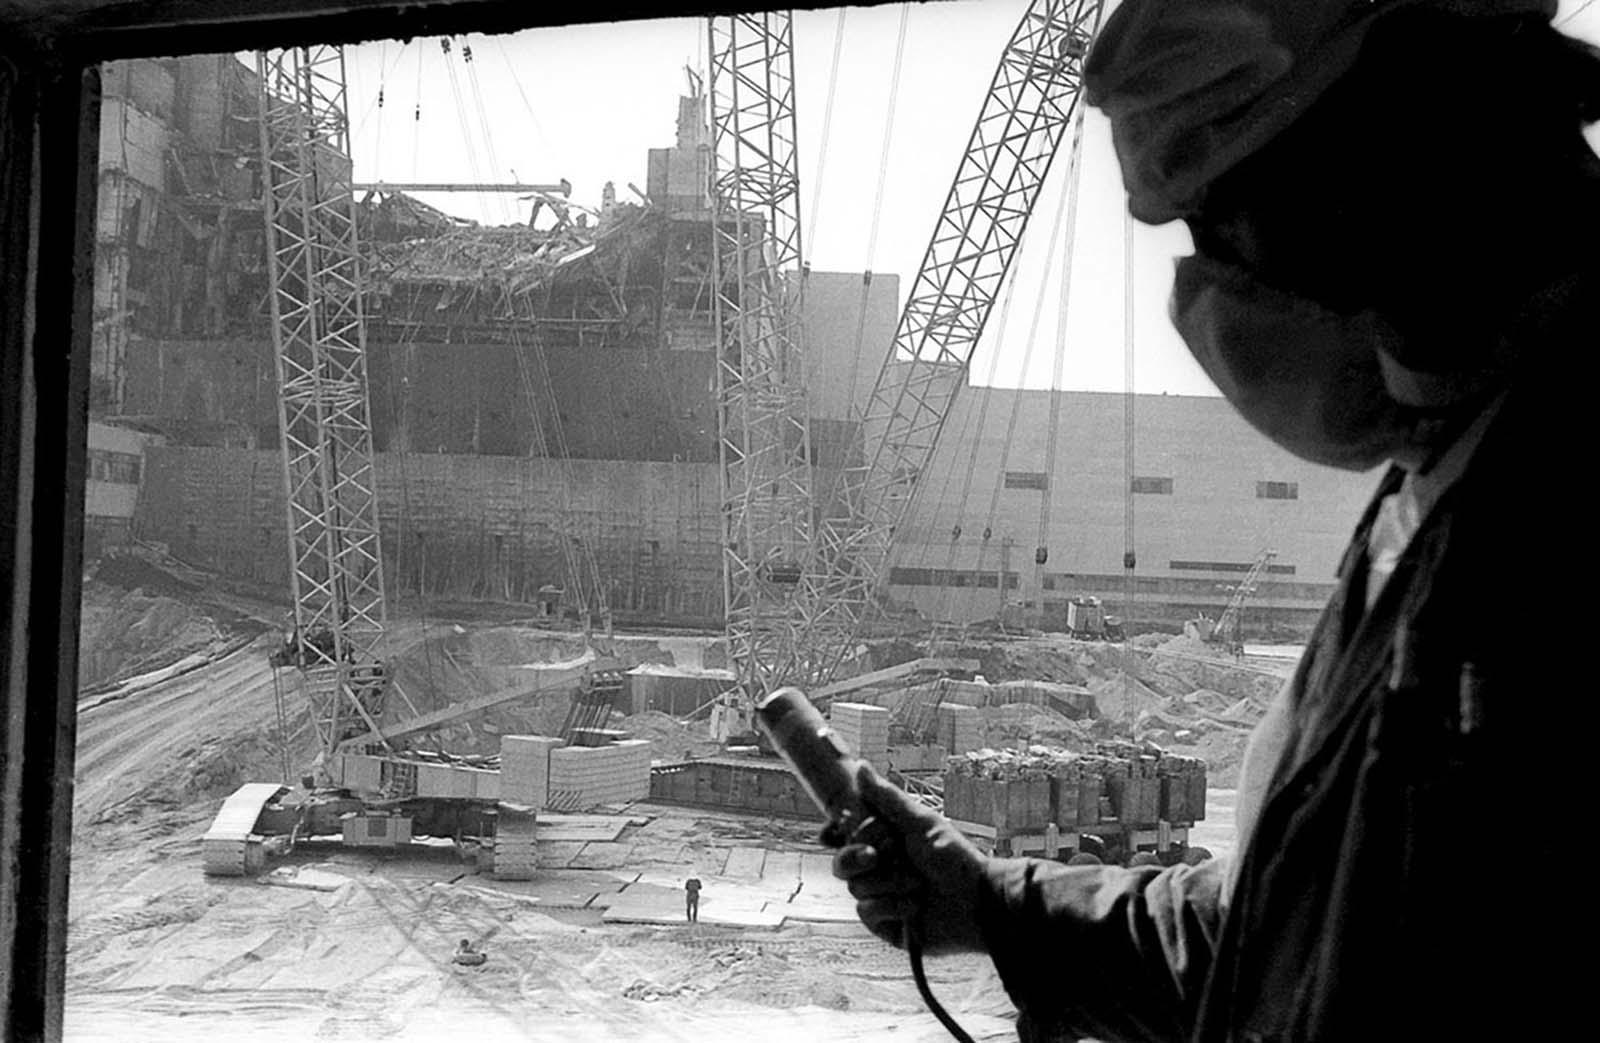 Un trabajador de la planta de energía nuclear de Chernobyl sostiene un dosímetro para medir los niveles de radiación, con el sarcófago en construcción, destinado a contener el reactor destruido, visible en el fondo, en esta foto tomada en 1986.